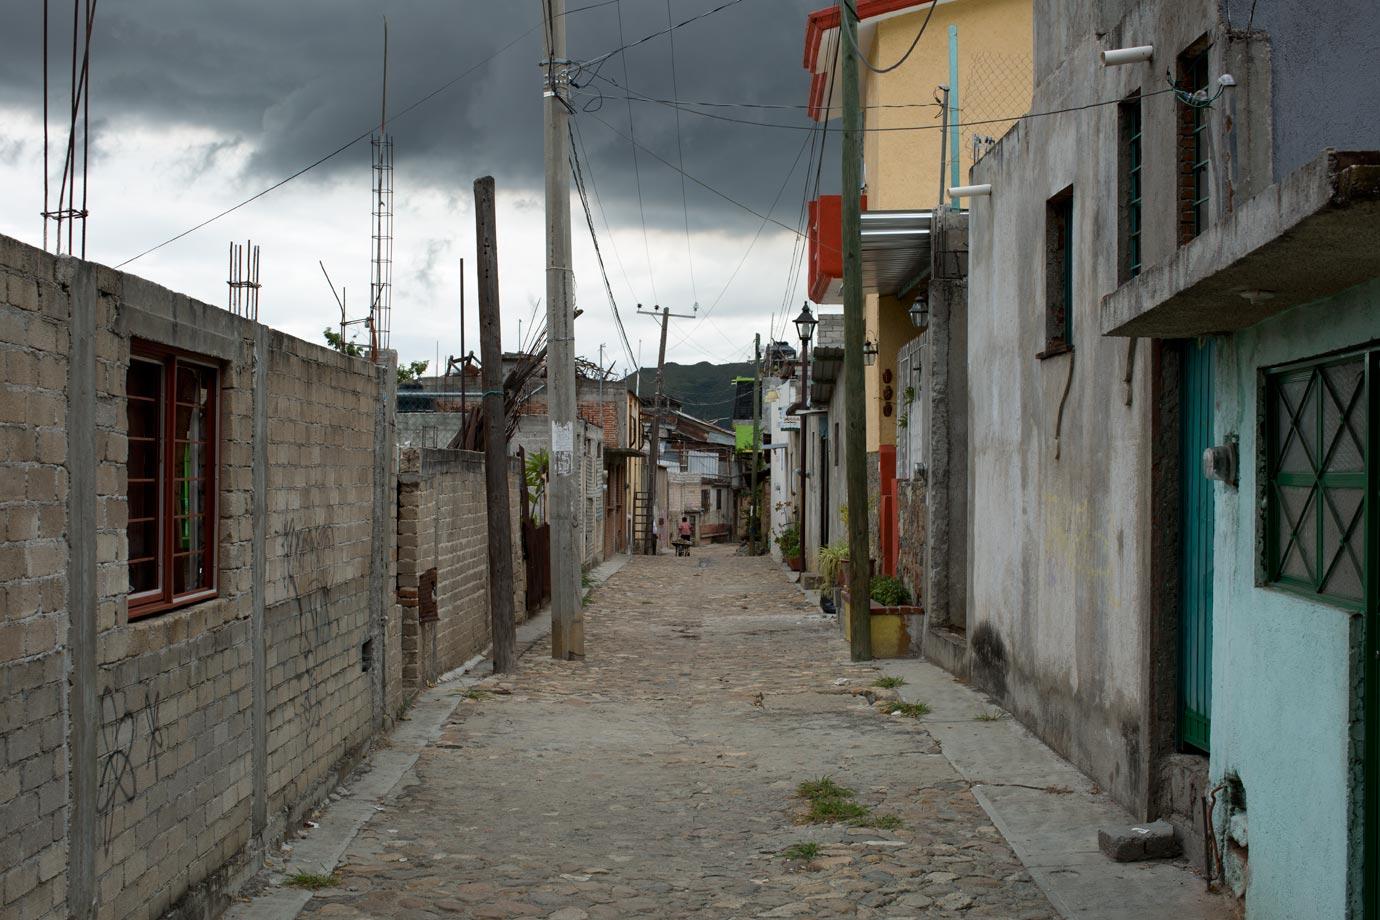 Peeking down the alley in Oaxaca